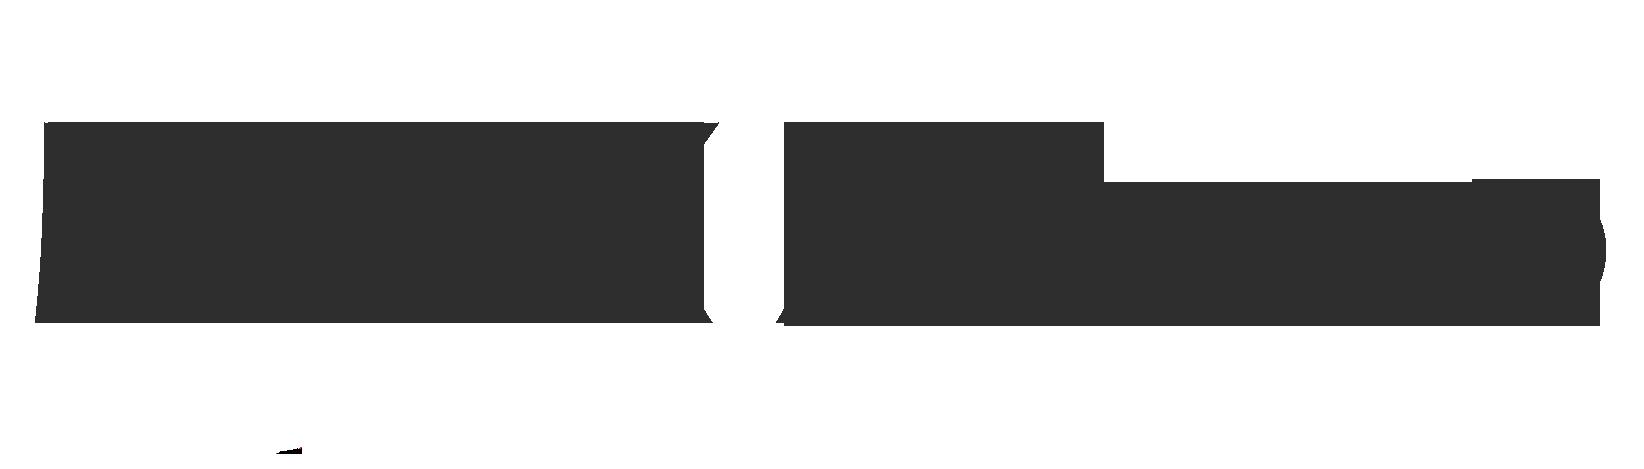 RMX Audio